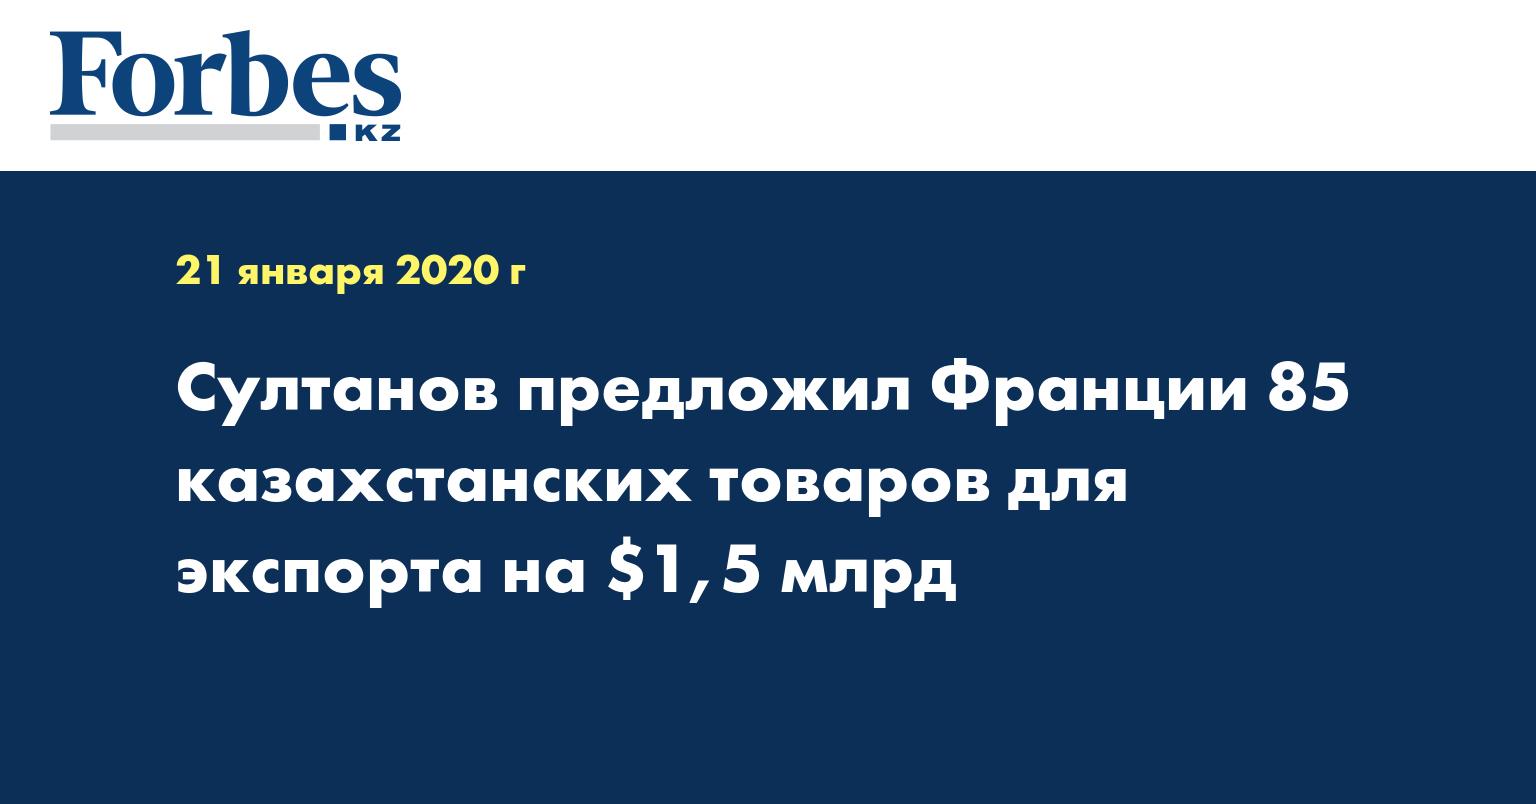 Султанов предложил Франции 85 казахстанских товаров для экспорта на $1,5 млрд